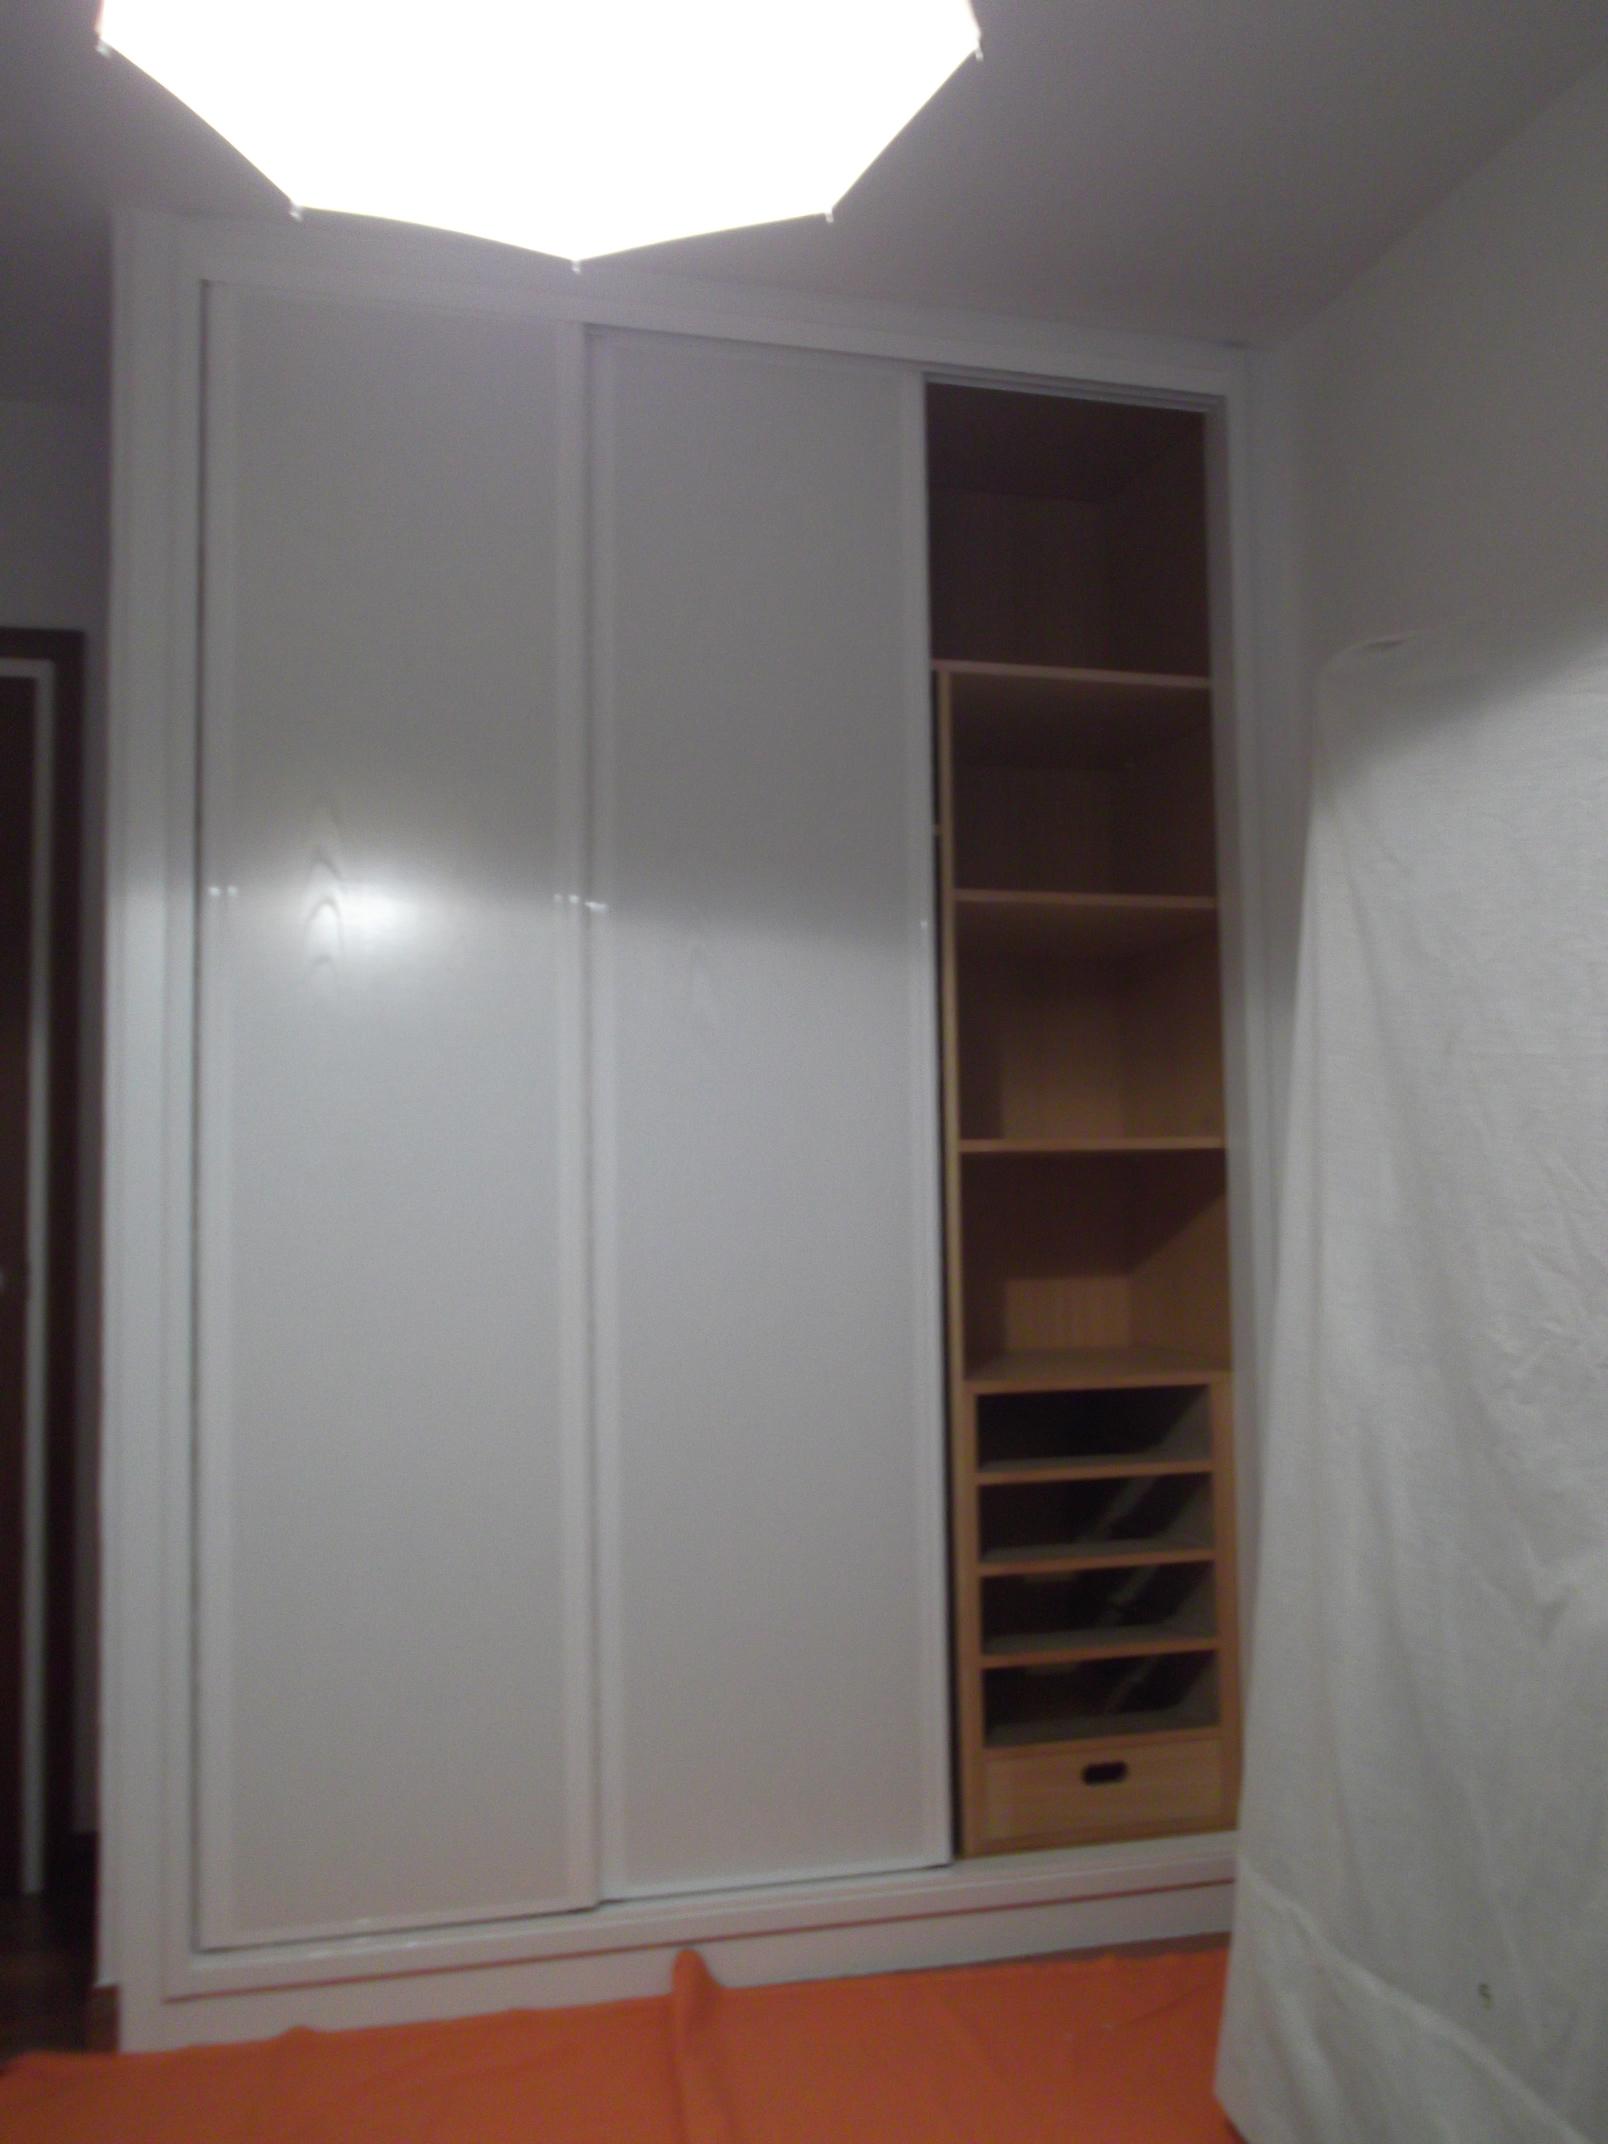 armario-blanco-abierto-carpinteria-zaballa-sondika